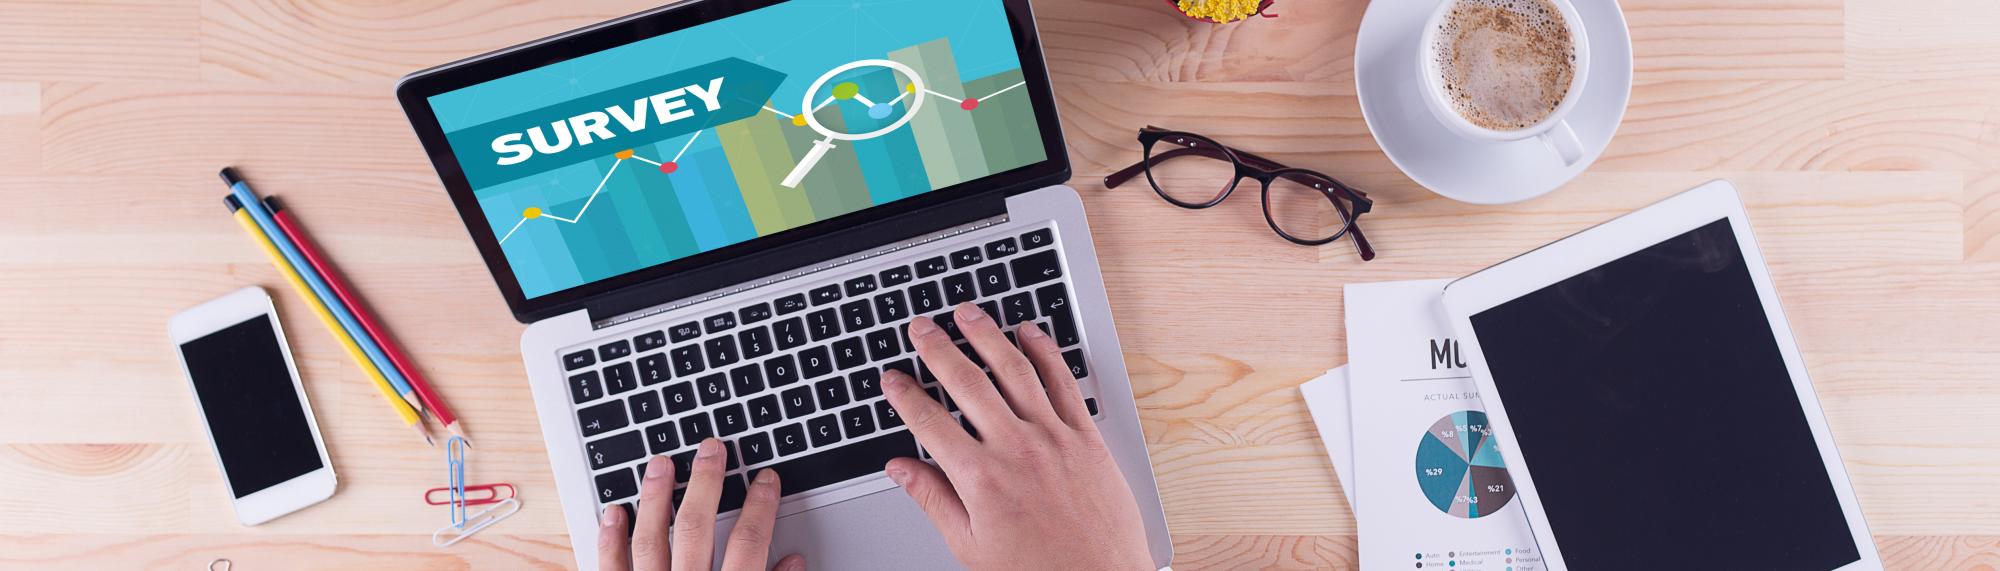 Online-Befragung Tablet und Laptop